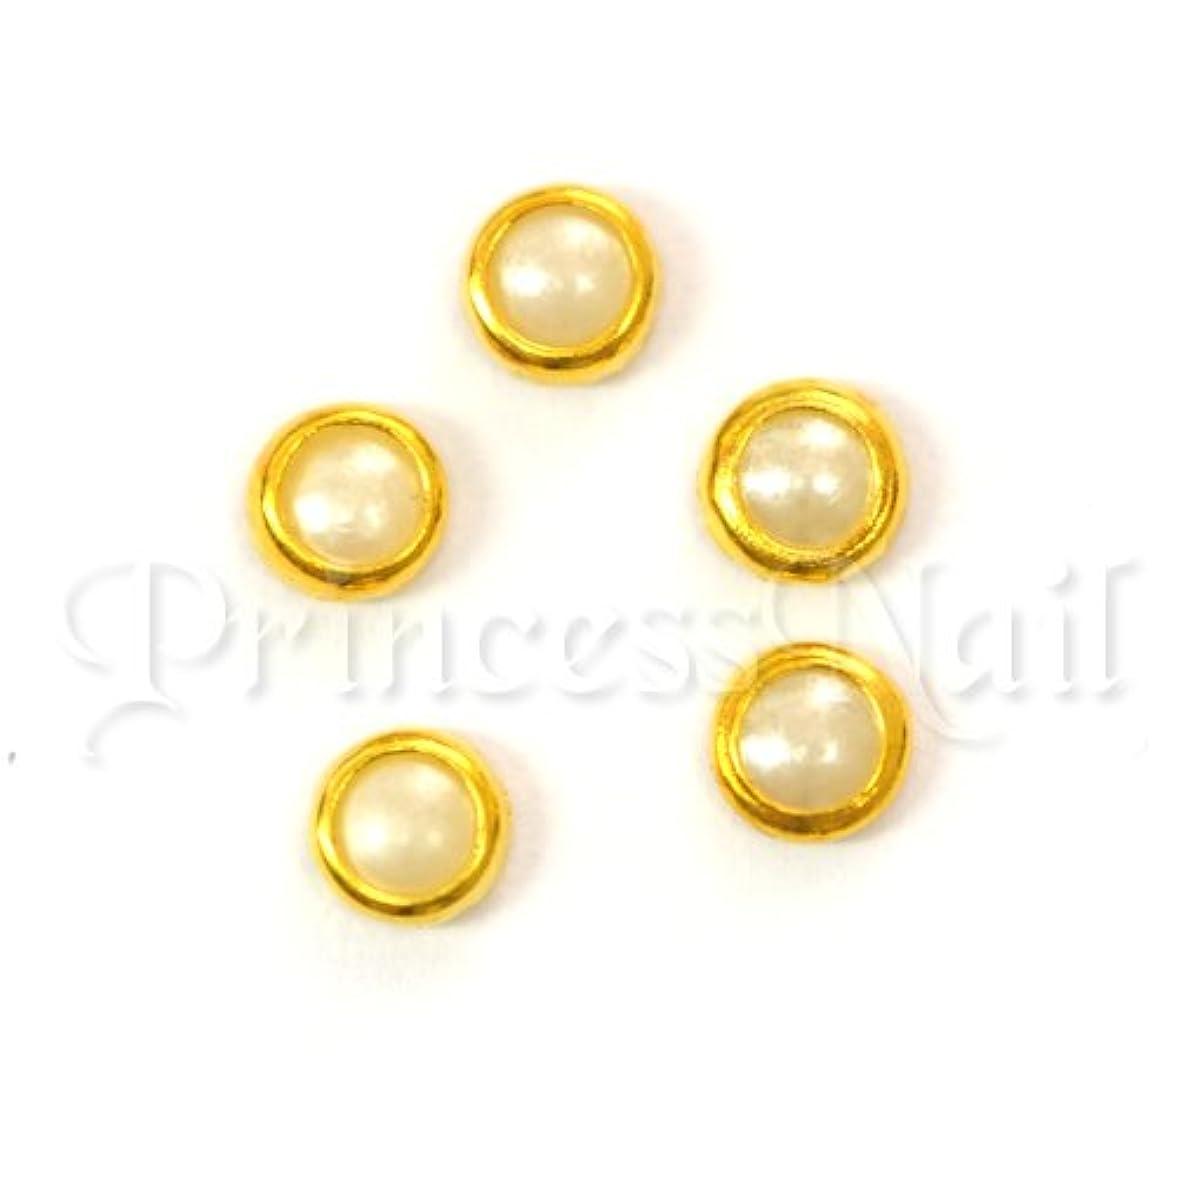 ストーンエッジにパールがハマった綺麗なパーツ パールリム(ゴールド) (4mm(20粒))